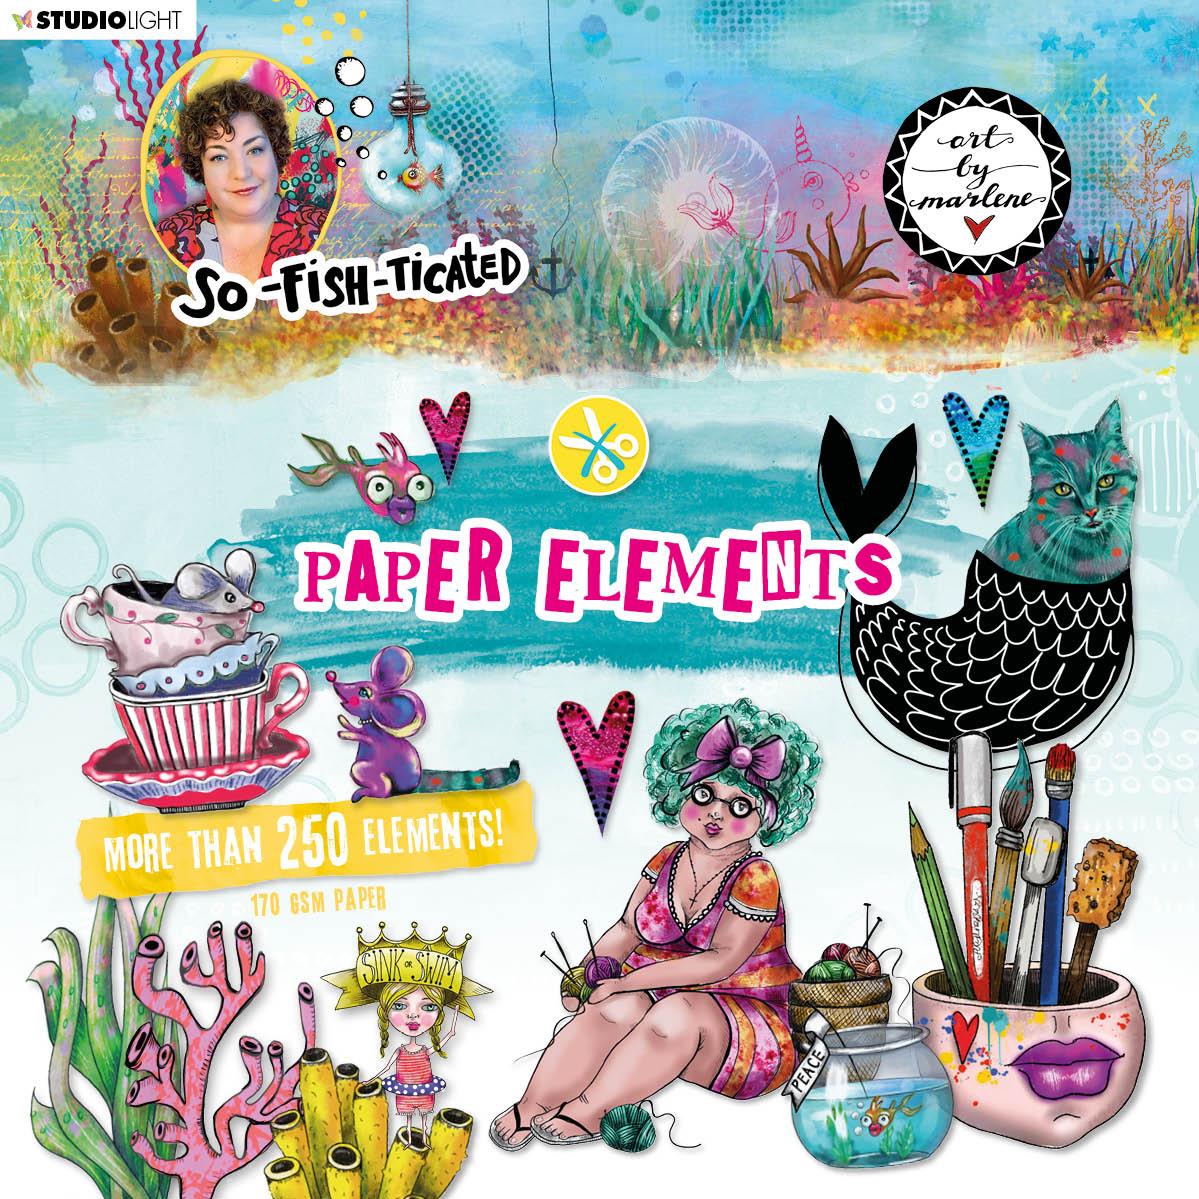 Art by Marlene - Paper Elements So Fish Ticated - kivágóív szett